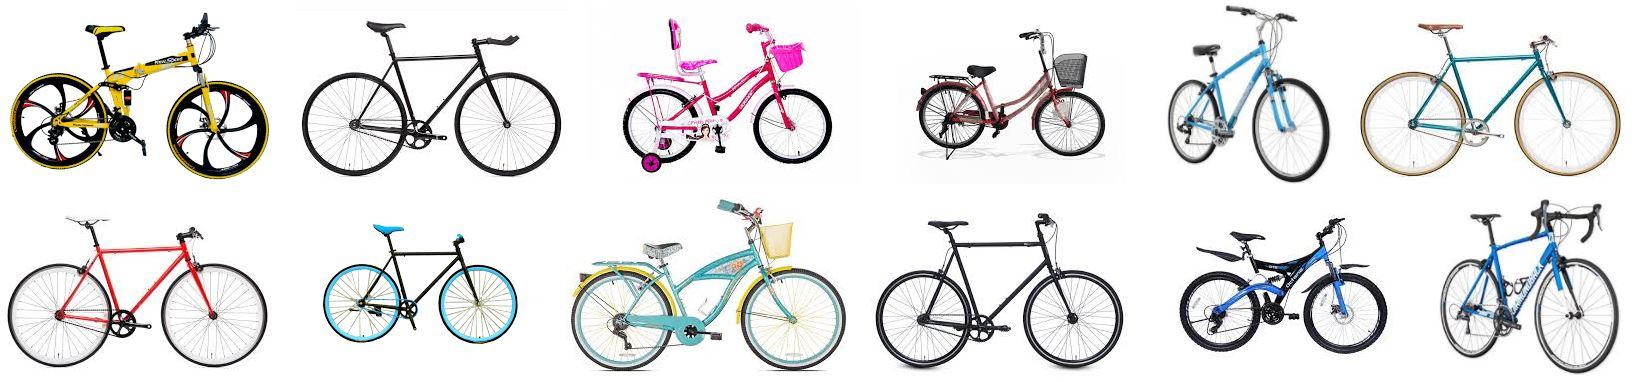 Aus Bike